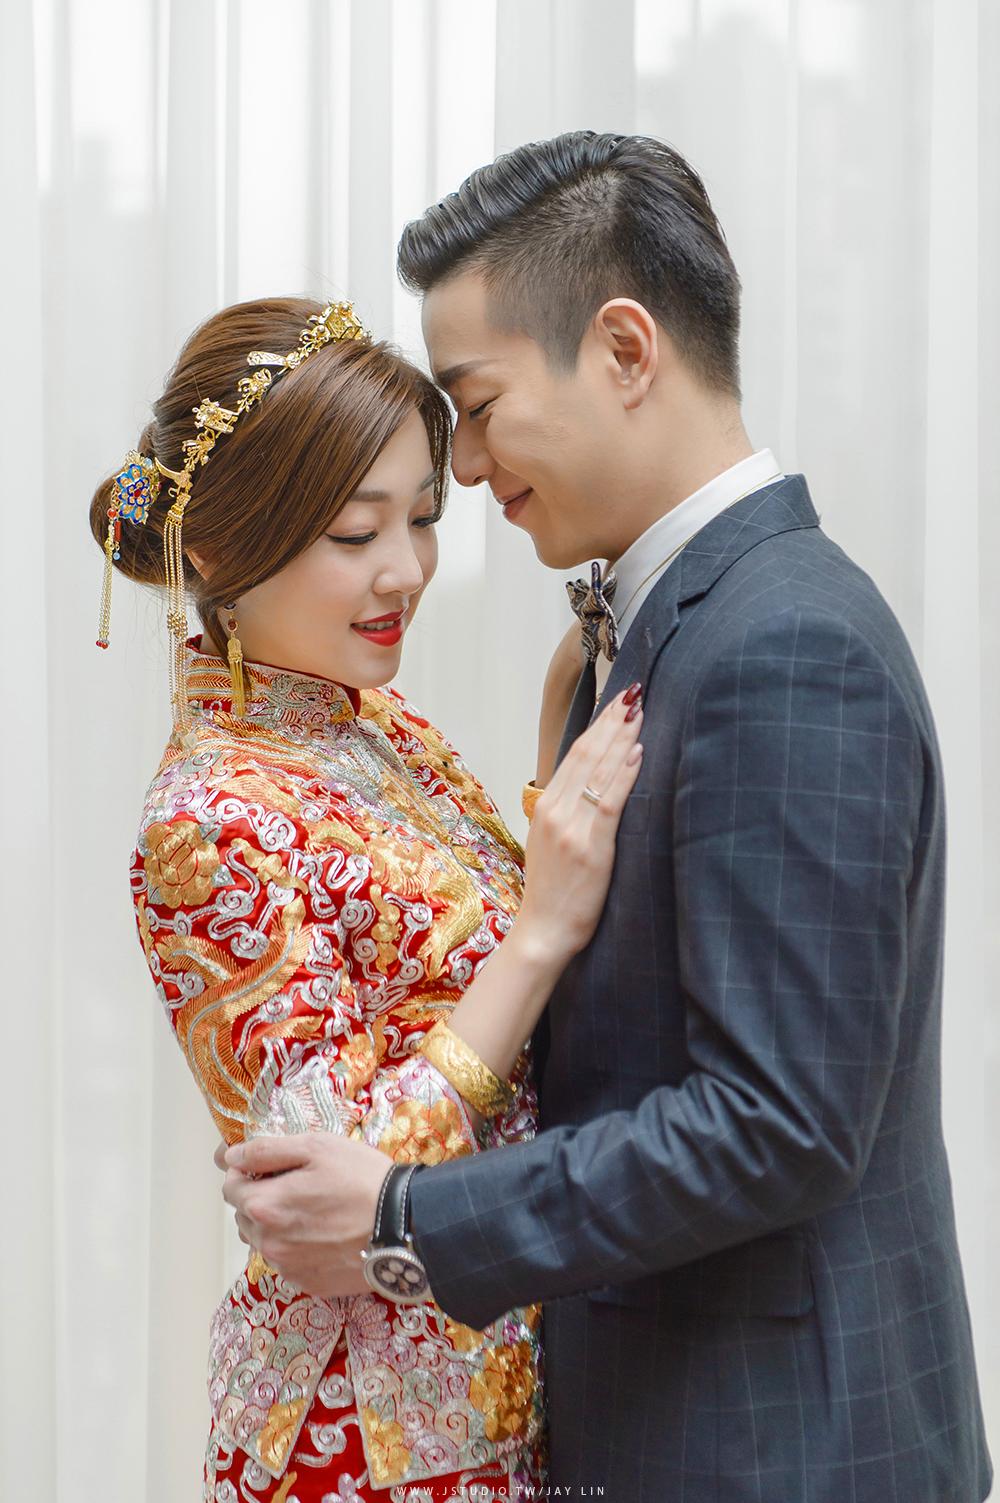 婚攝 台北婚攝 婚禮紀錄 推薦婚攝 美福大飯店JSTUDIO_0055